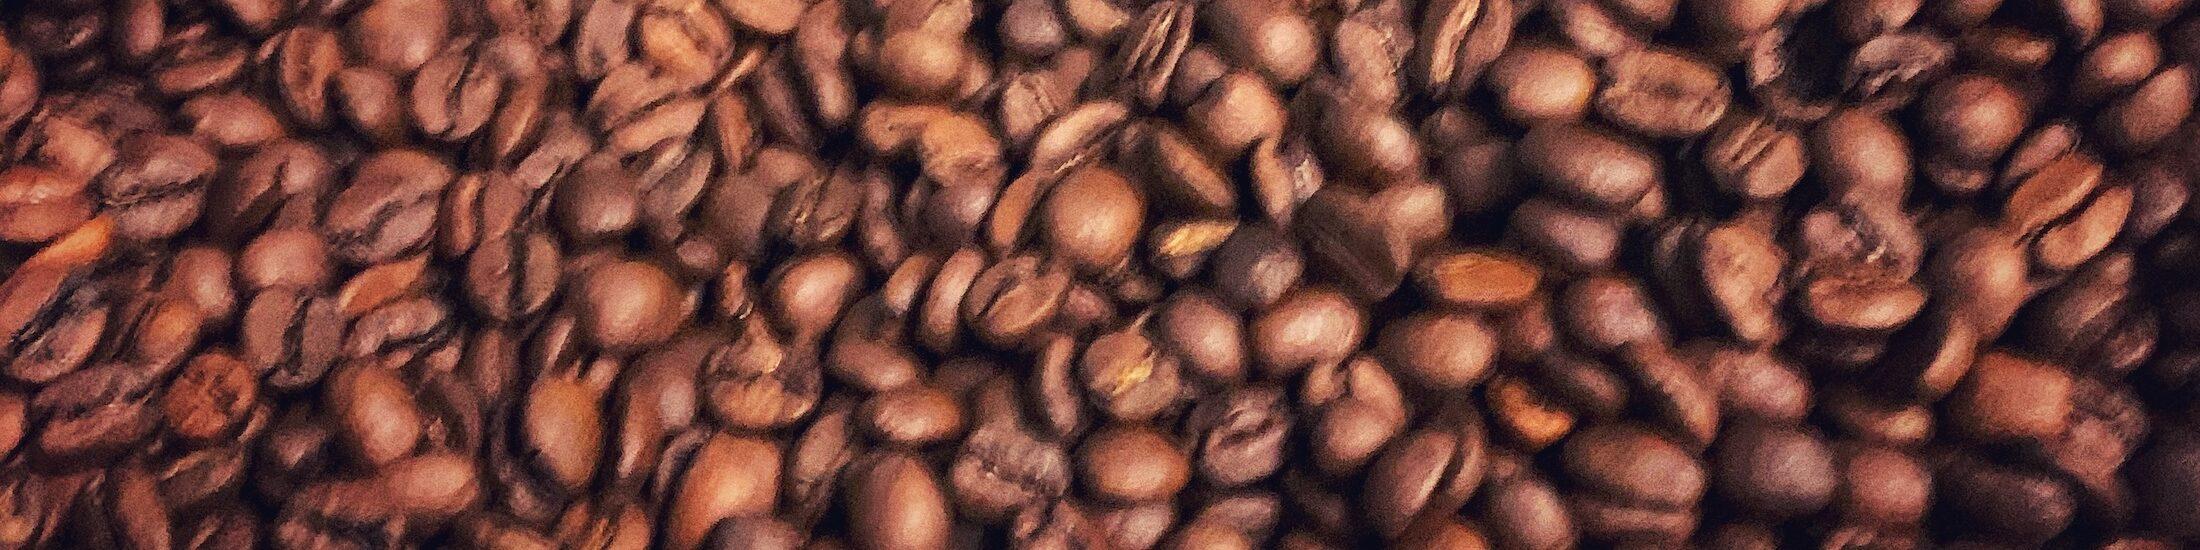 Ein Kaffee Blend in Nahaufnahme. Es ist fast Standard, allerdings leidet so die Transparenz